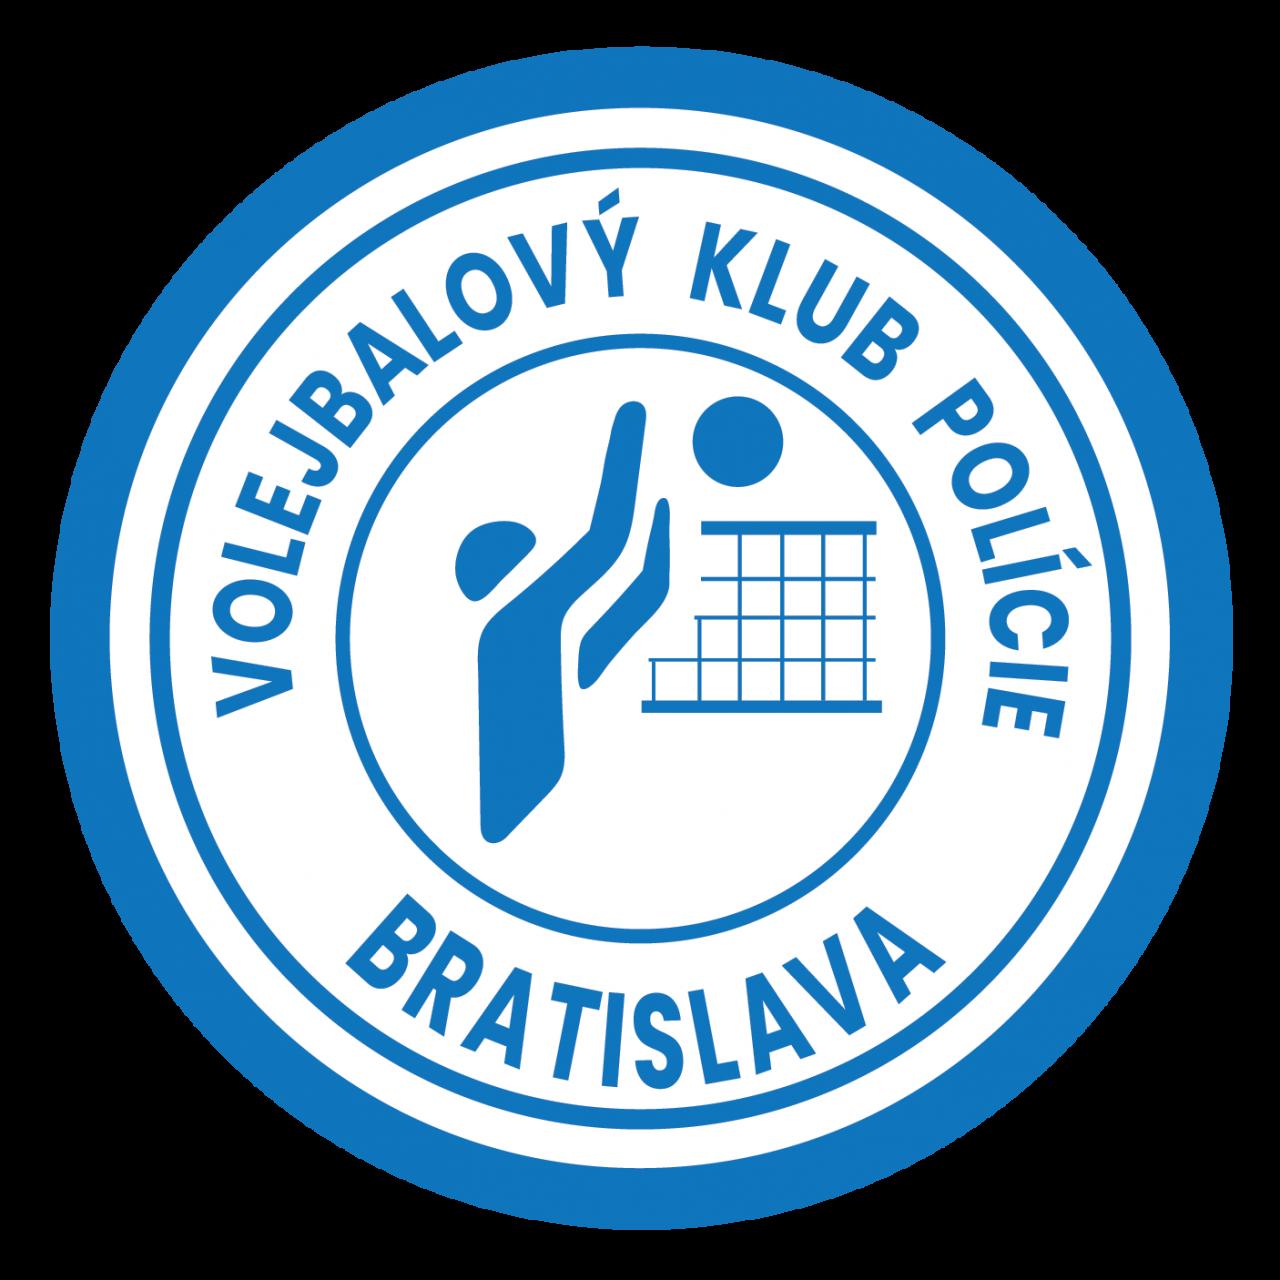 https://www.vkpbratislava.sk/wp-content/uploads/2020/09/Logo-VKP-NEW-2020_-1-1280x1280.png